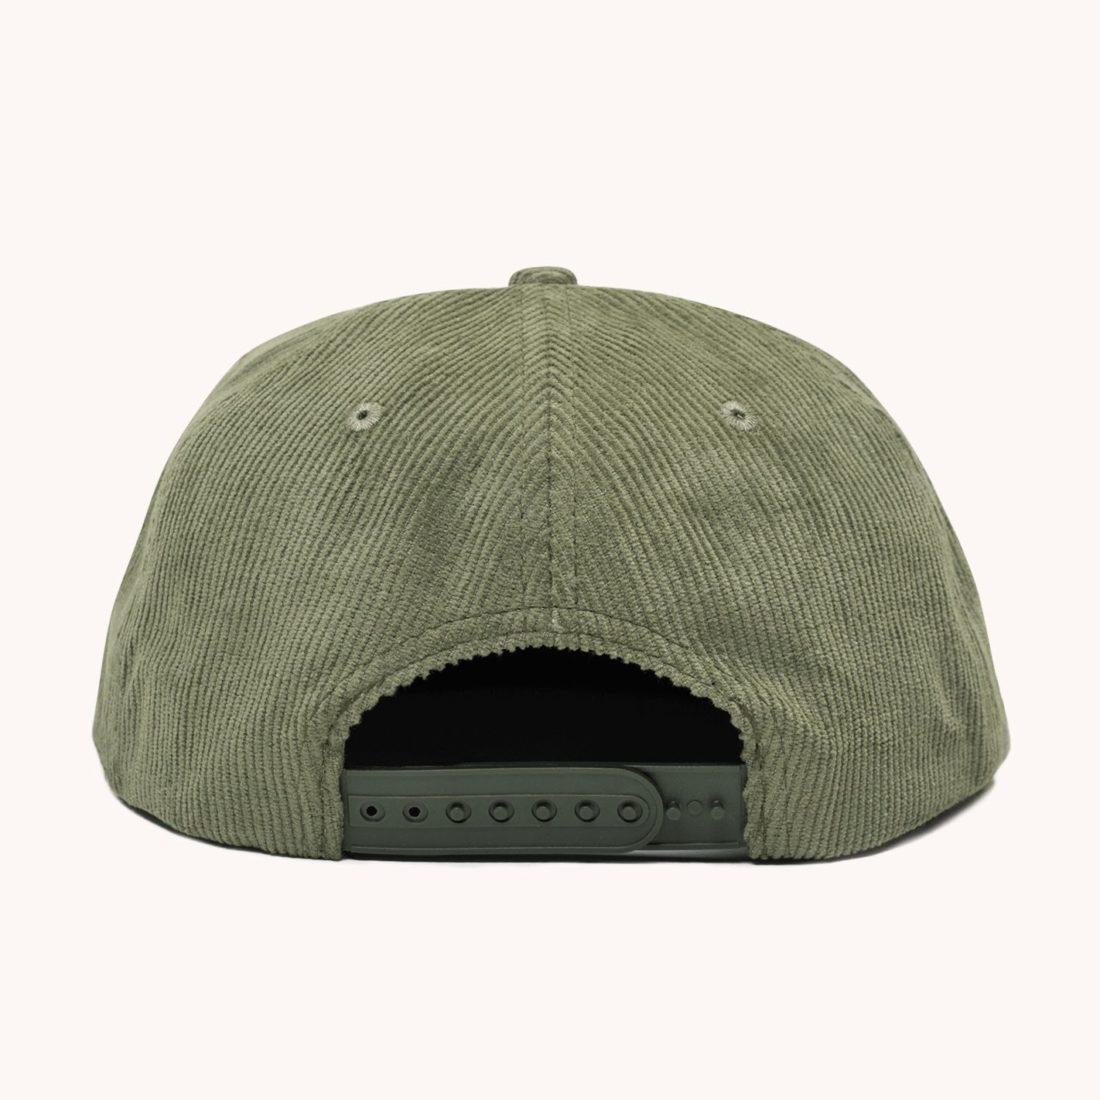 Camp Hat - Light Olive 3